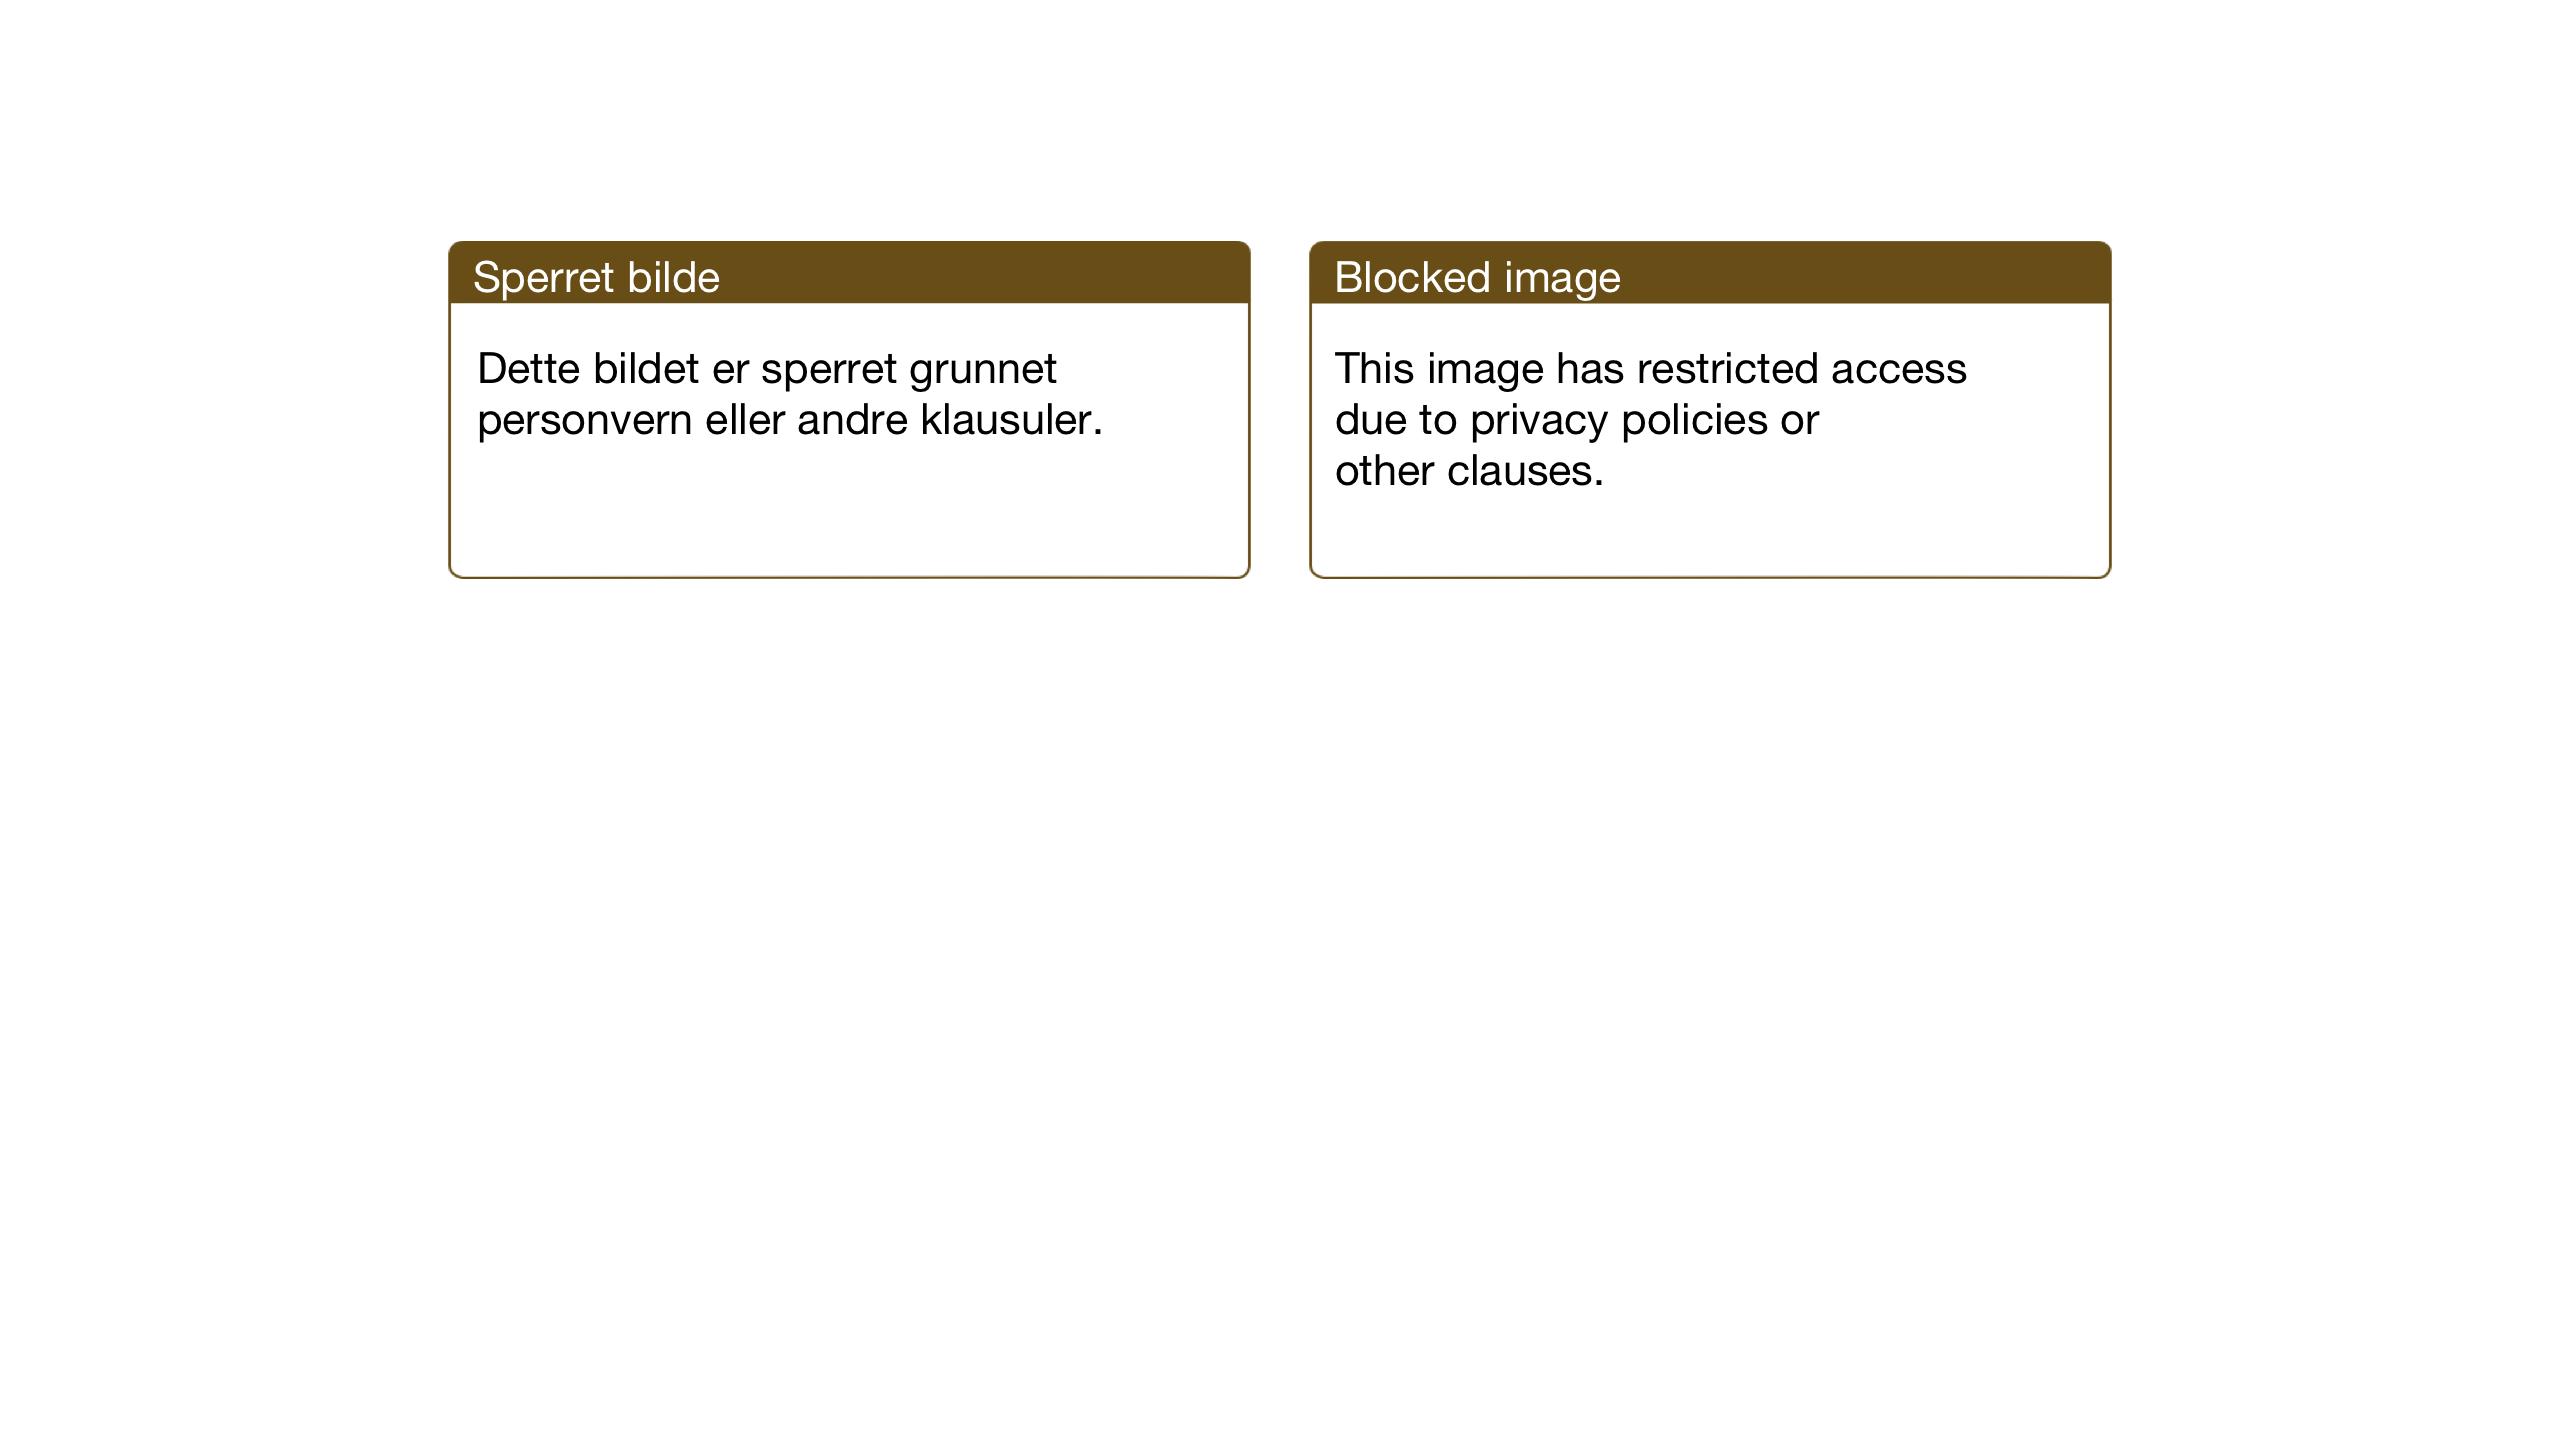 SAT, Ministerialprotokoller, klokkerbøker og fødselsregistre - Sør-Trøndelag, 637/L0564: Klokkerbok nr. 637C05, 1928-1968, s. 136